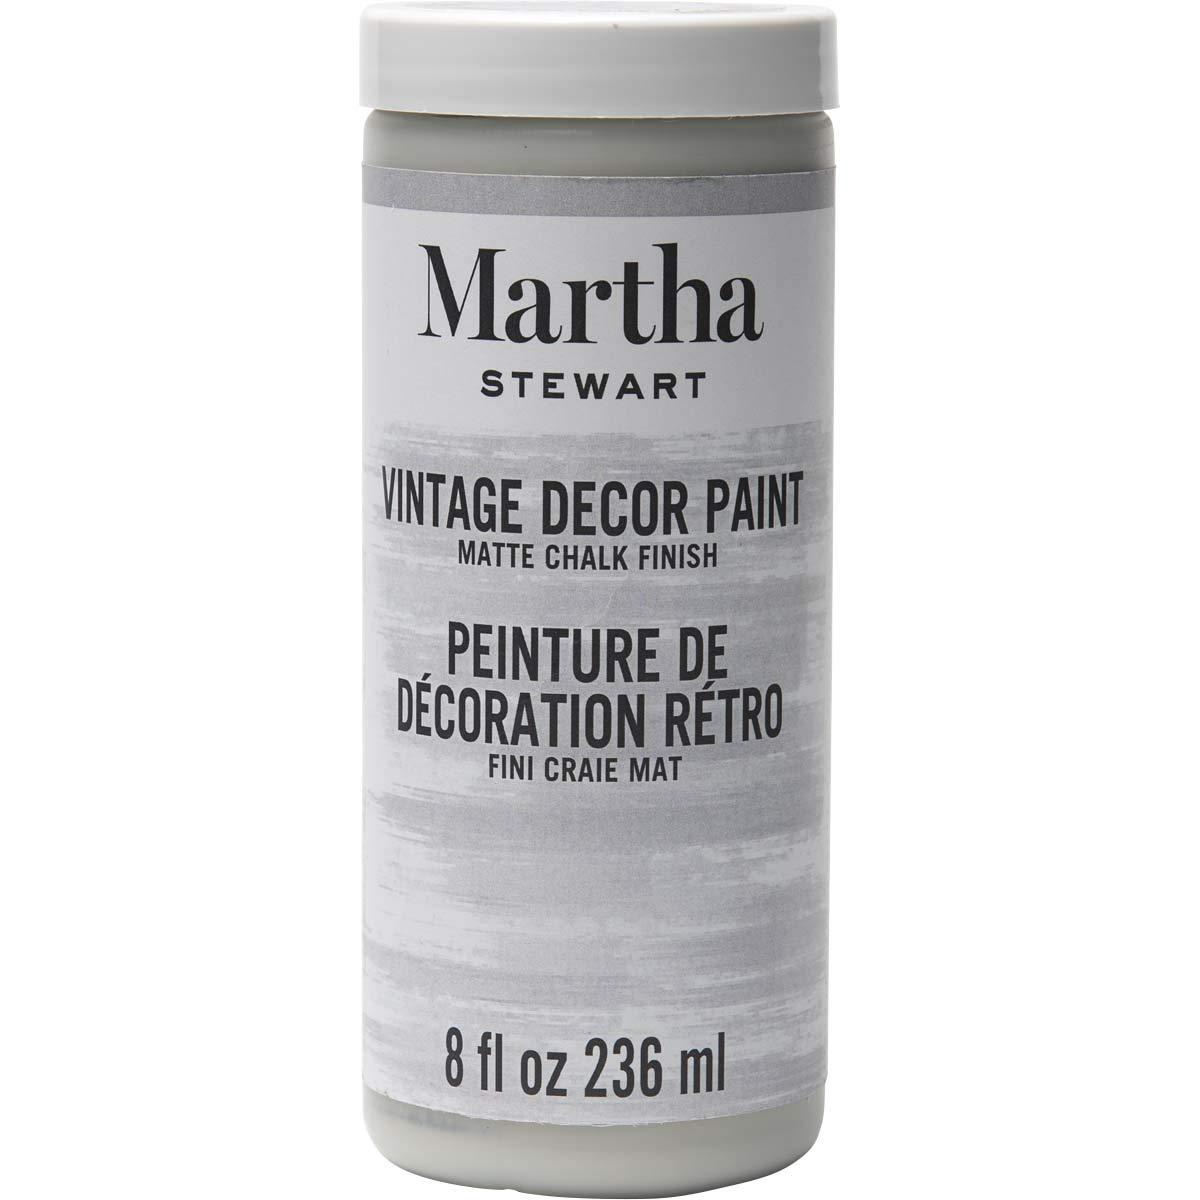 Martha Stewart Crafts Martha Stewart Vintage Decor Matte Chalk Smoke, 8 oz Paint, 8 Fl Oz